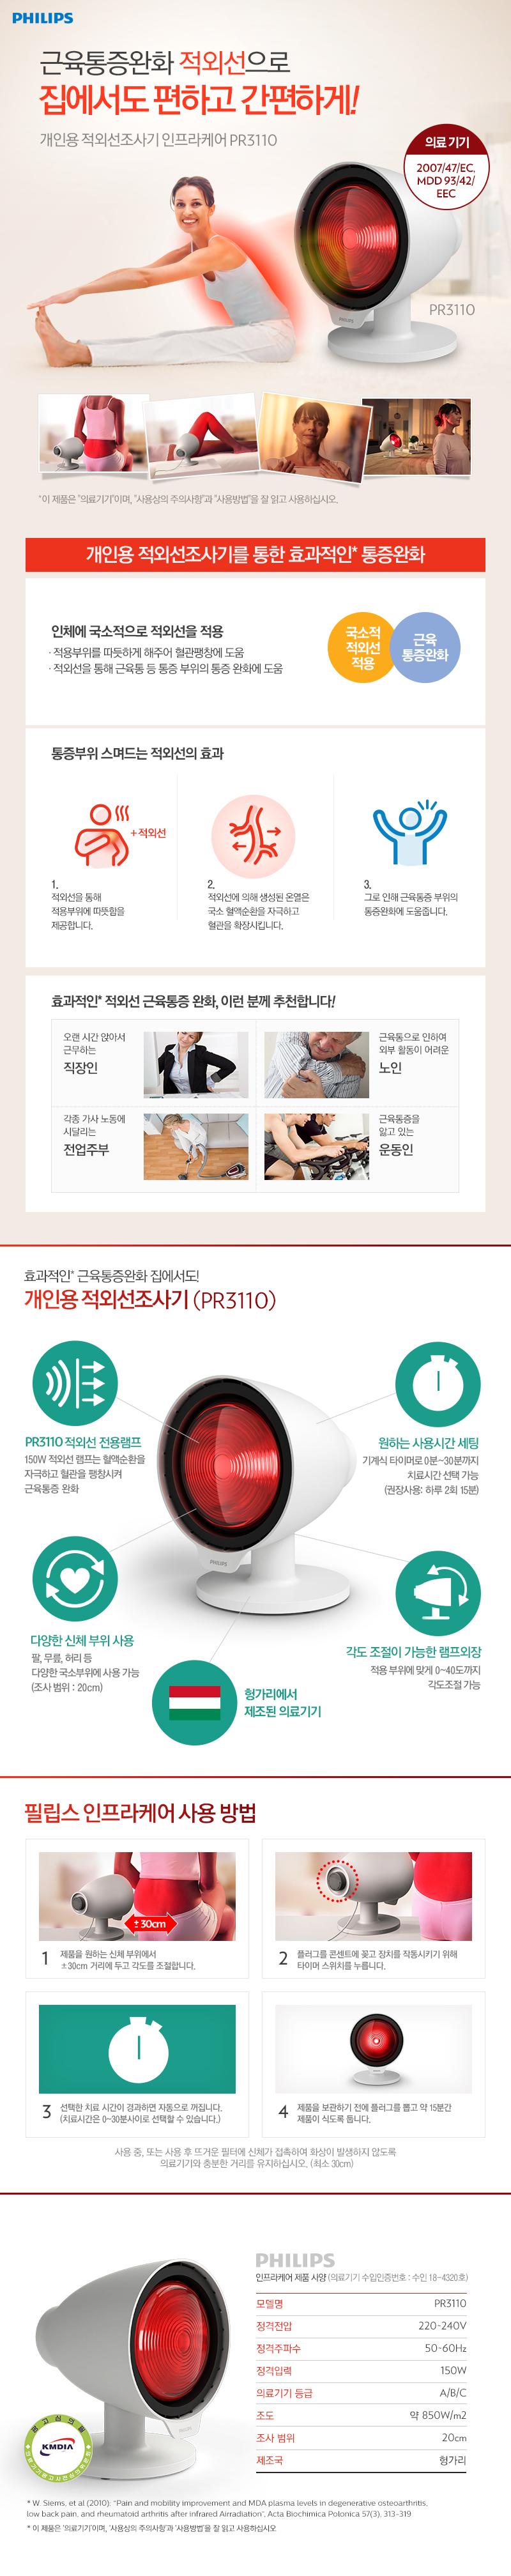 dentis-infracare-d.jpg